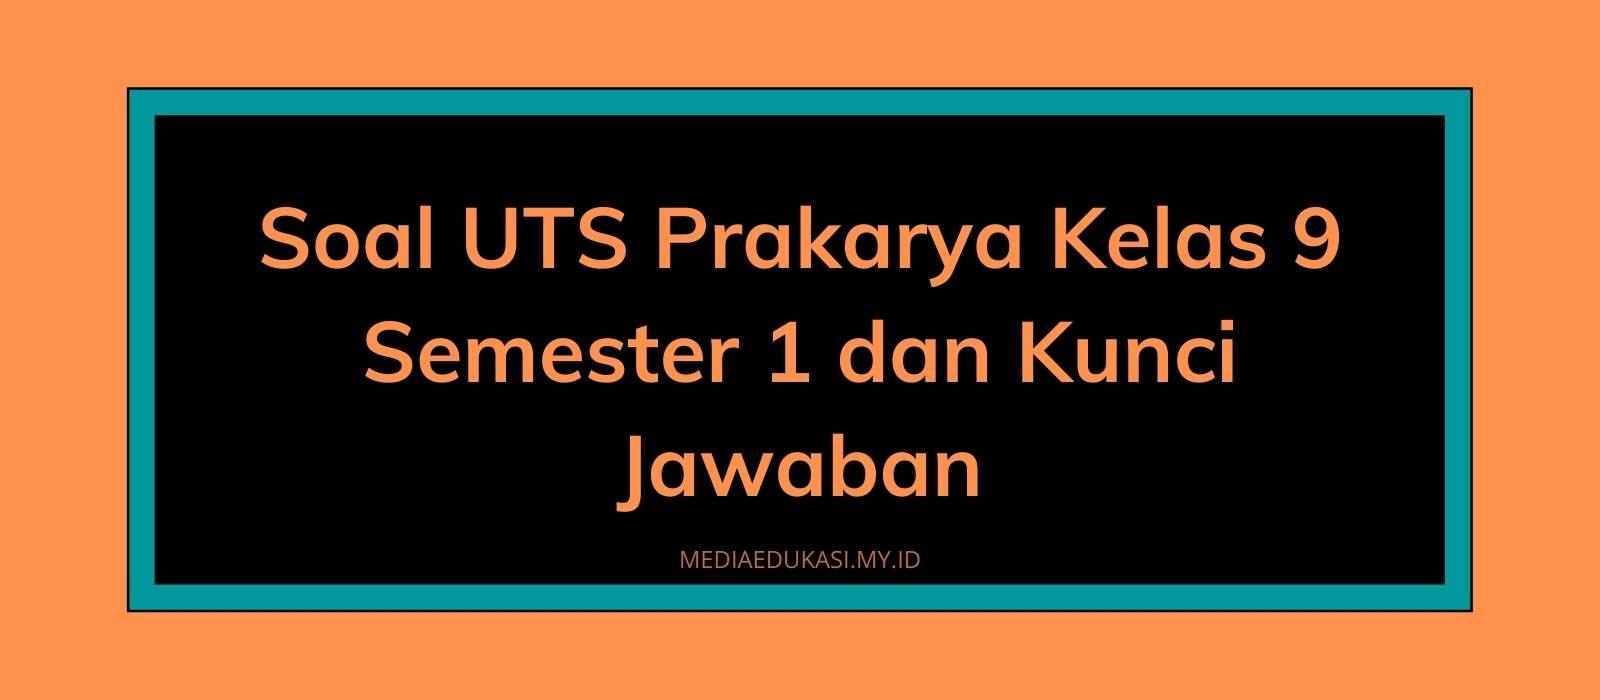 Soal PTS Prakarya Kelas 9 Semester 1 dan Kunci Jawaban